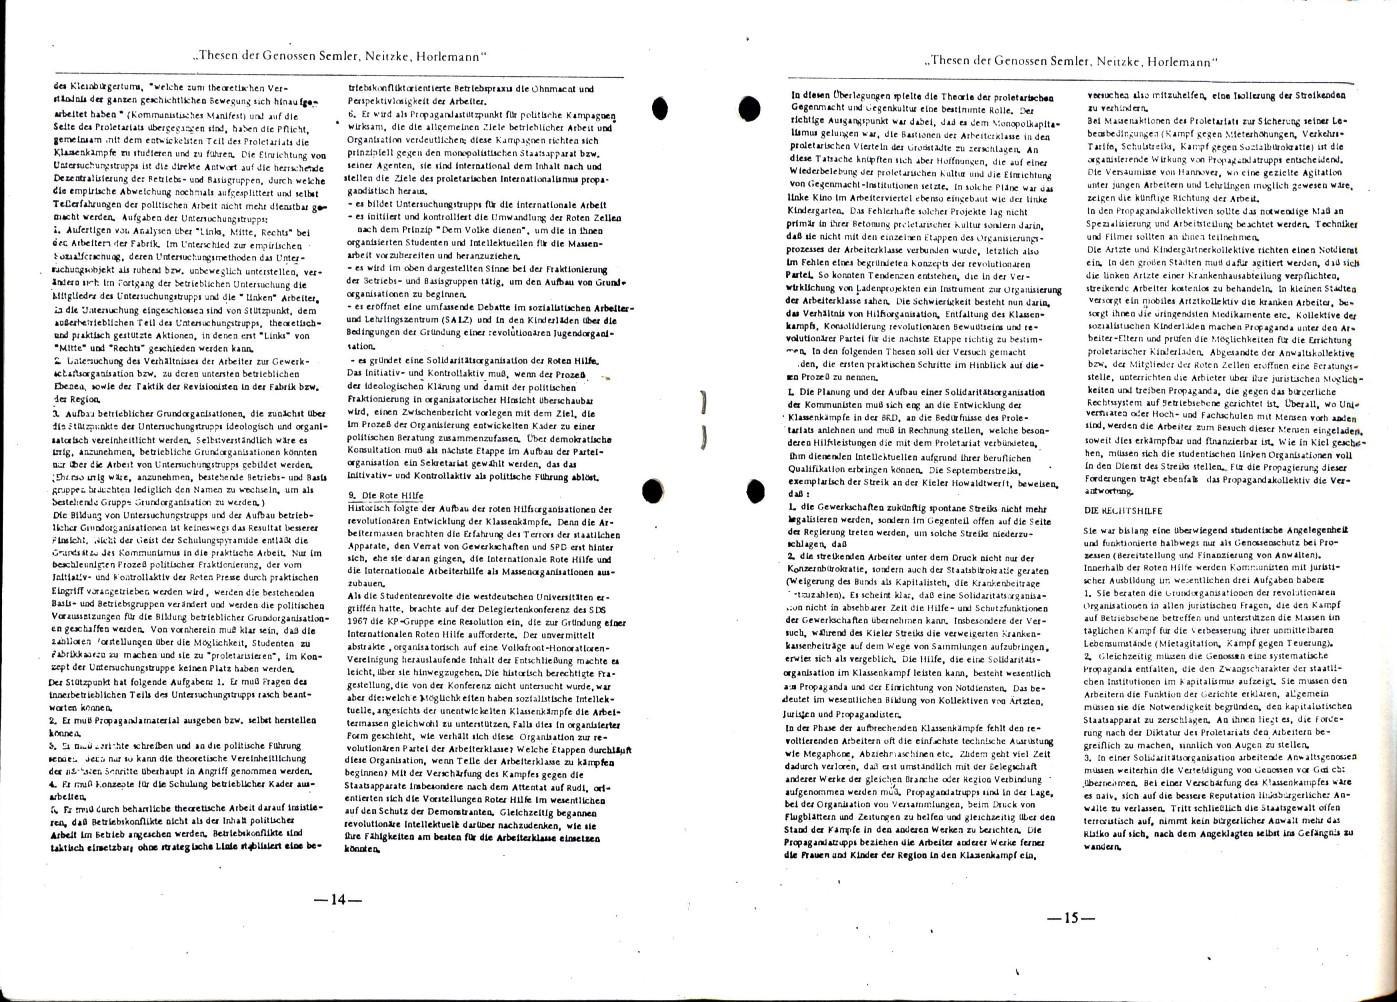 KPDML_1976_Dokumente_zur_Gruendung_09